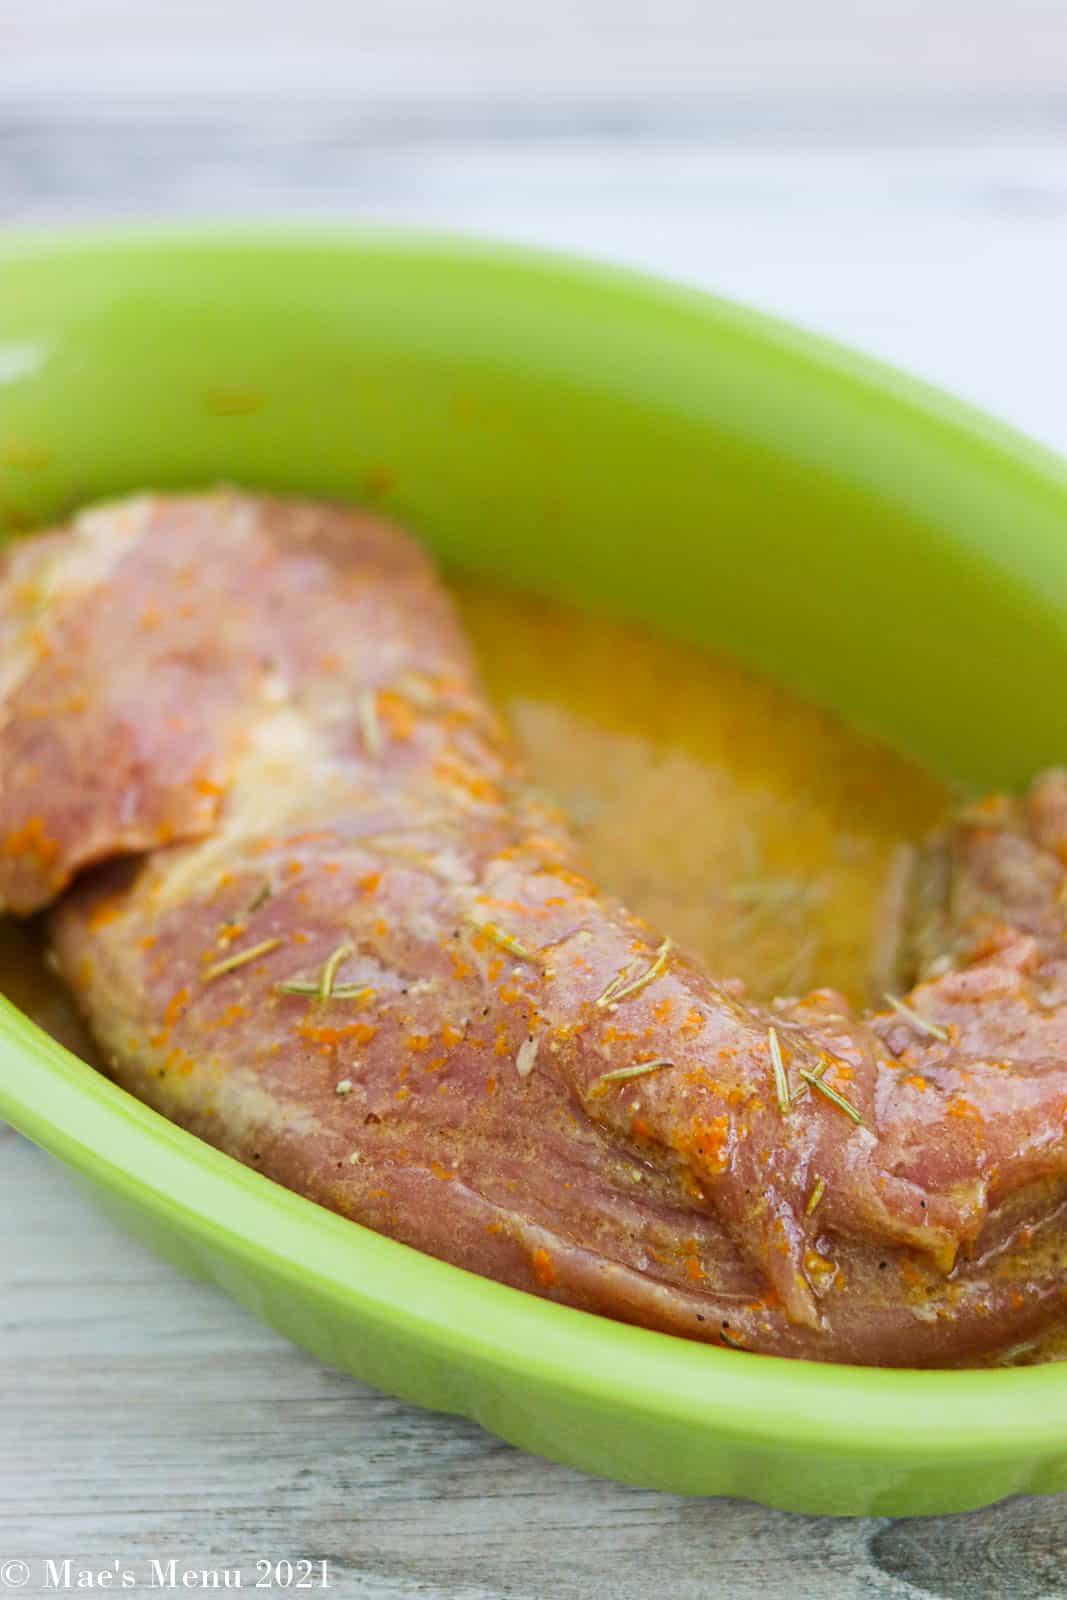 A baking dish with pork tenderloin  in the dijon marinade